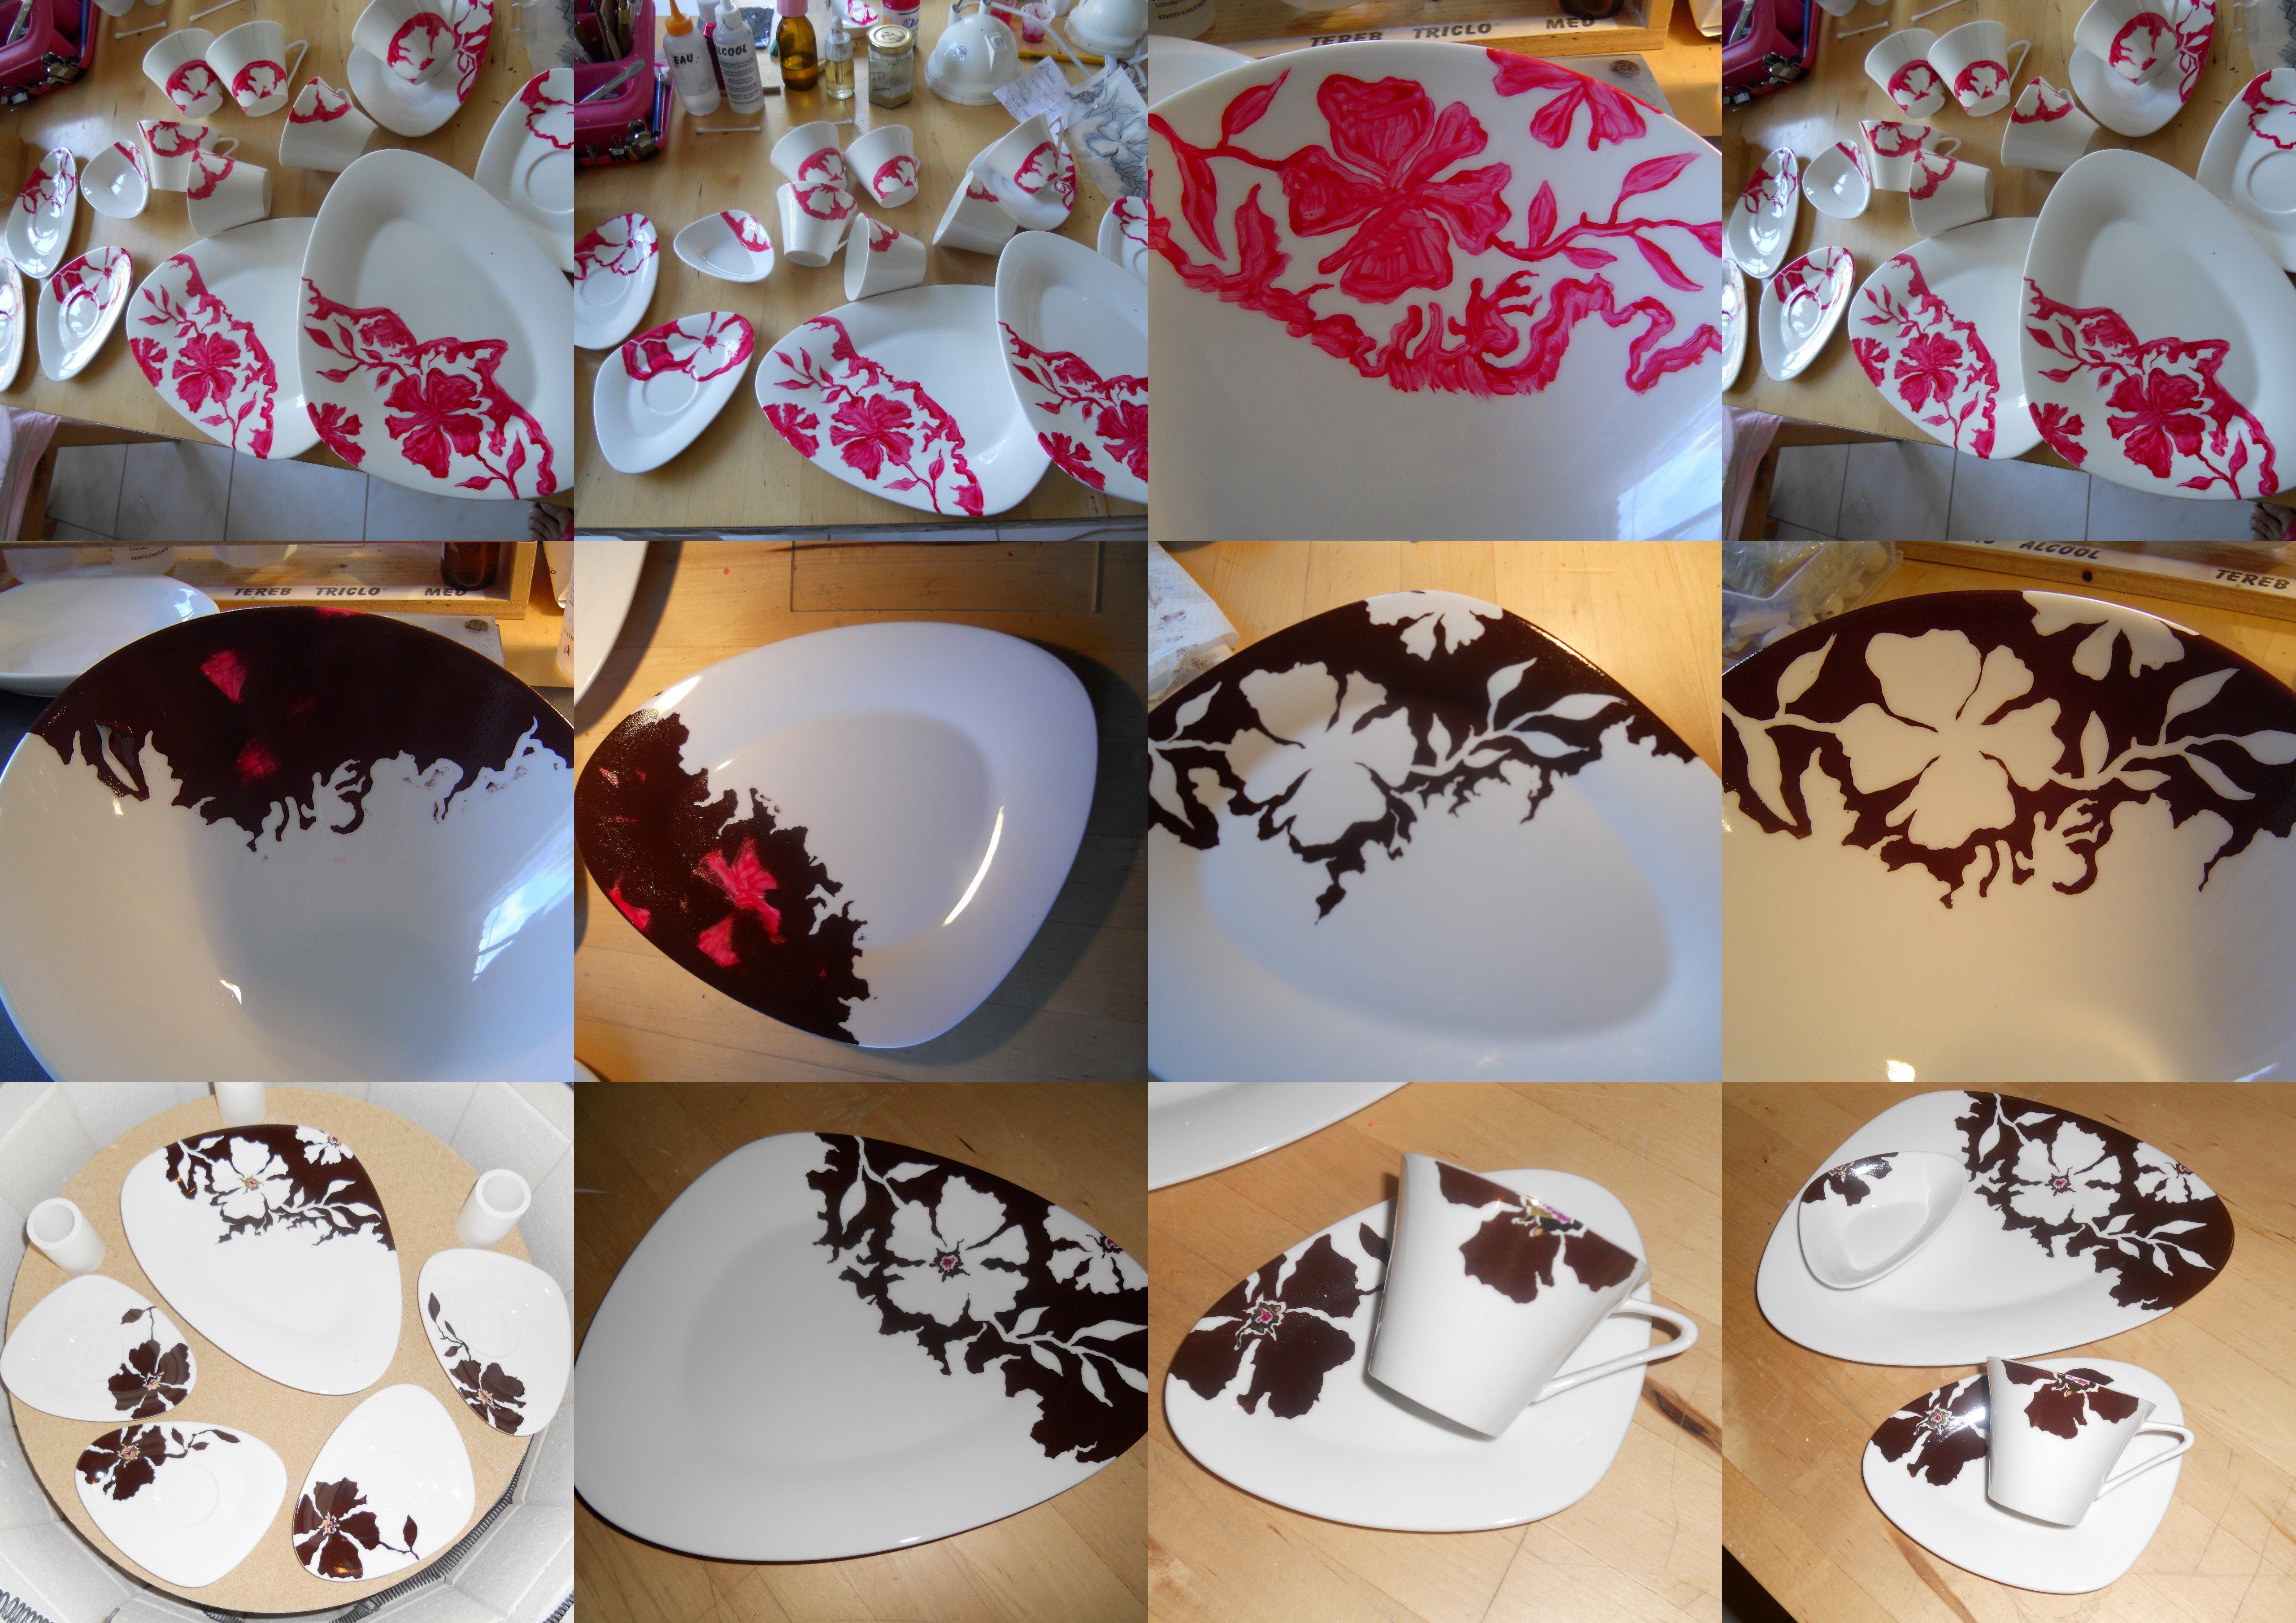 celialice atelier peinture sur porcelaine solli s toucas peinture sur porcelaine. Black Bedroom Furniture Sets. Home Design Ideas